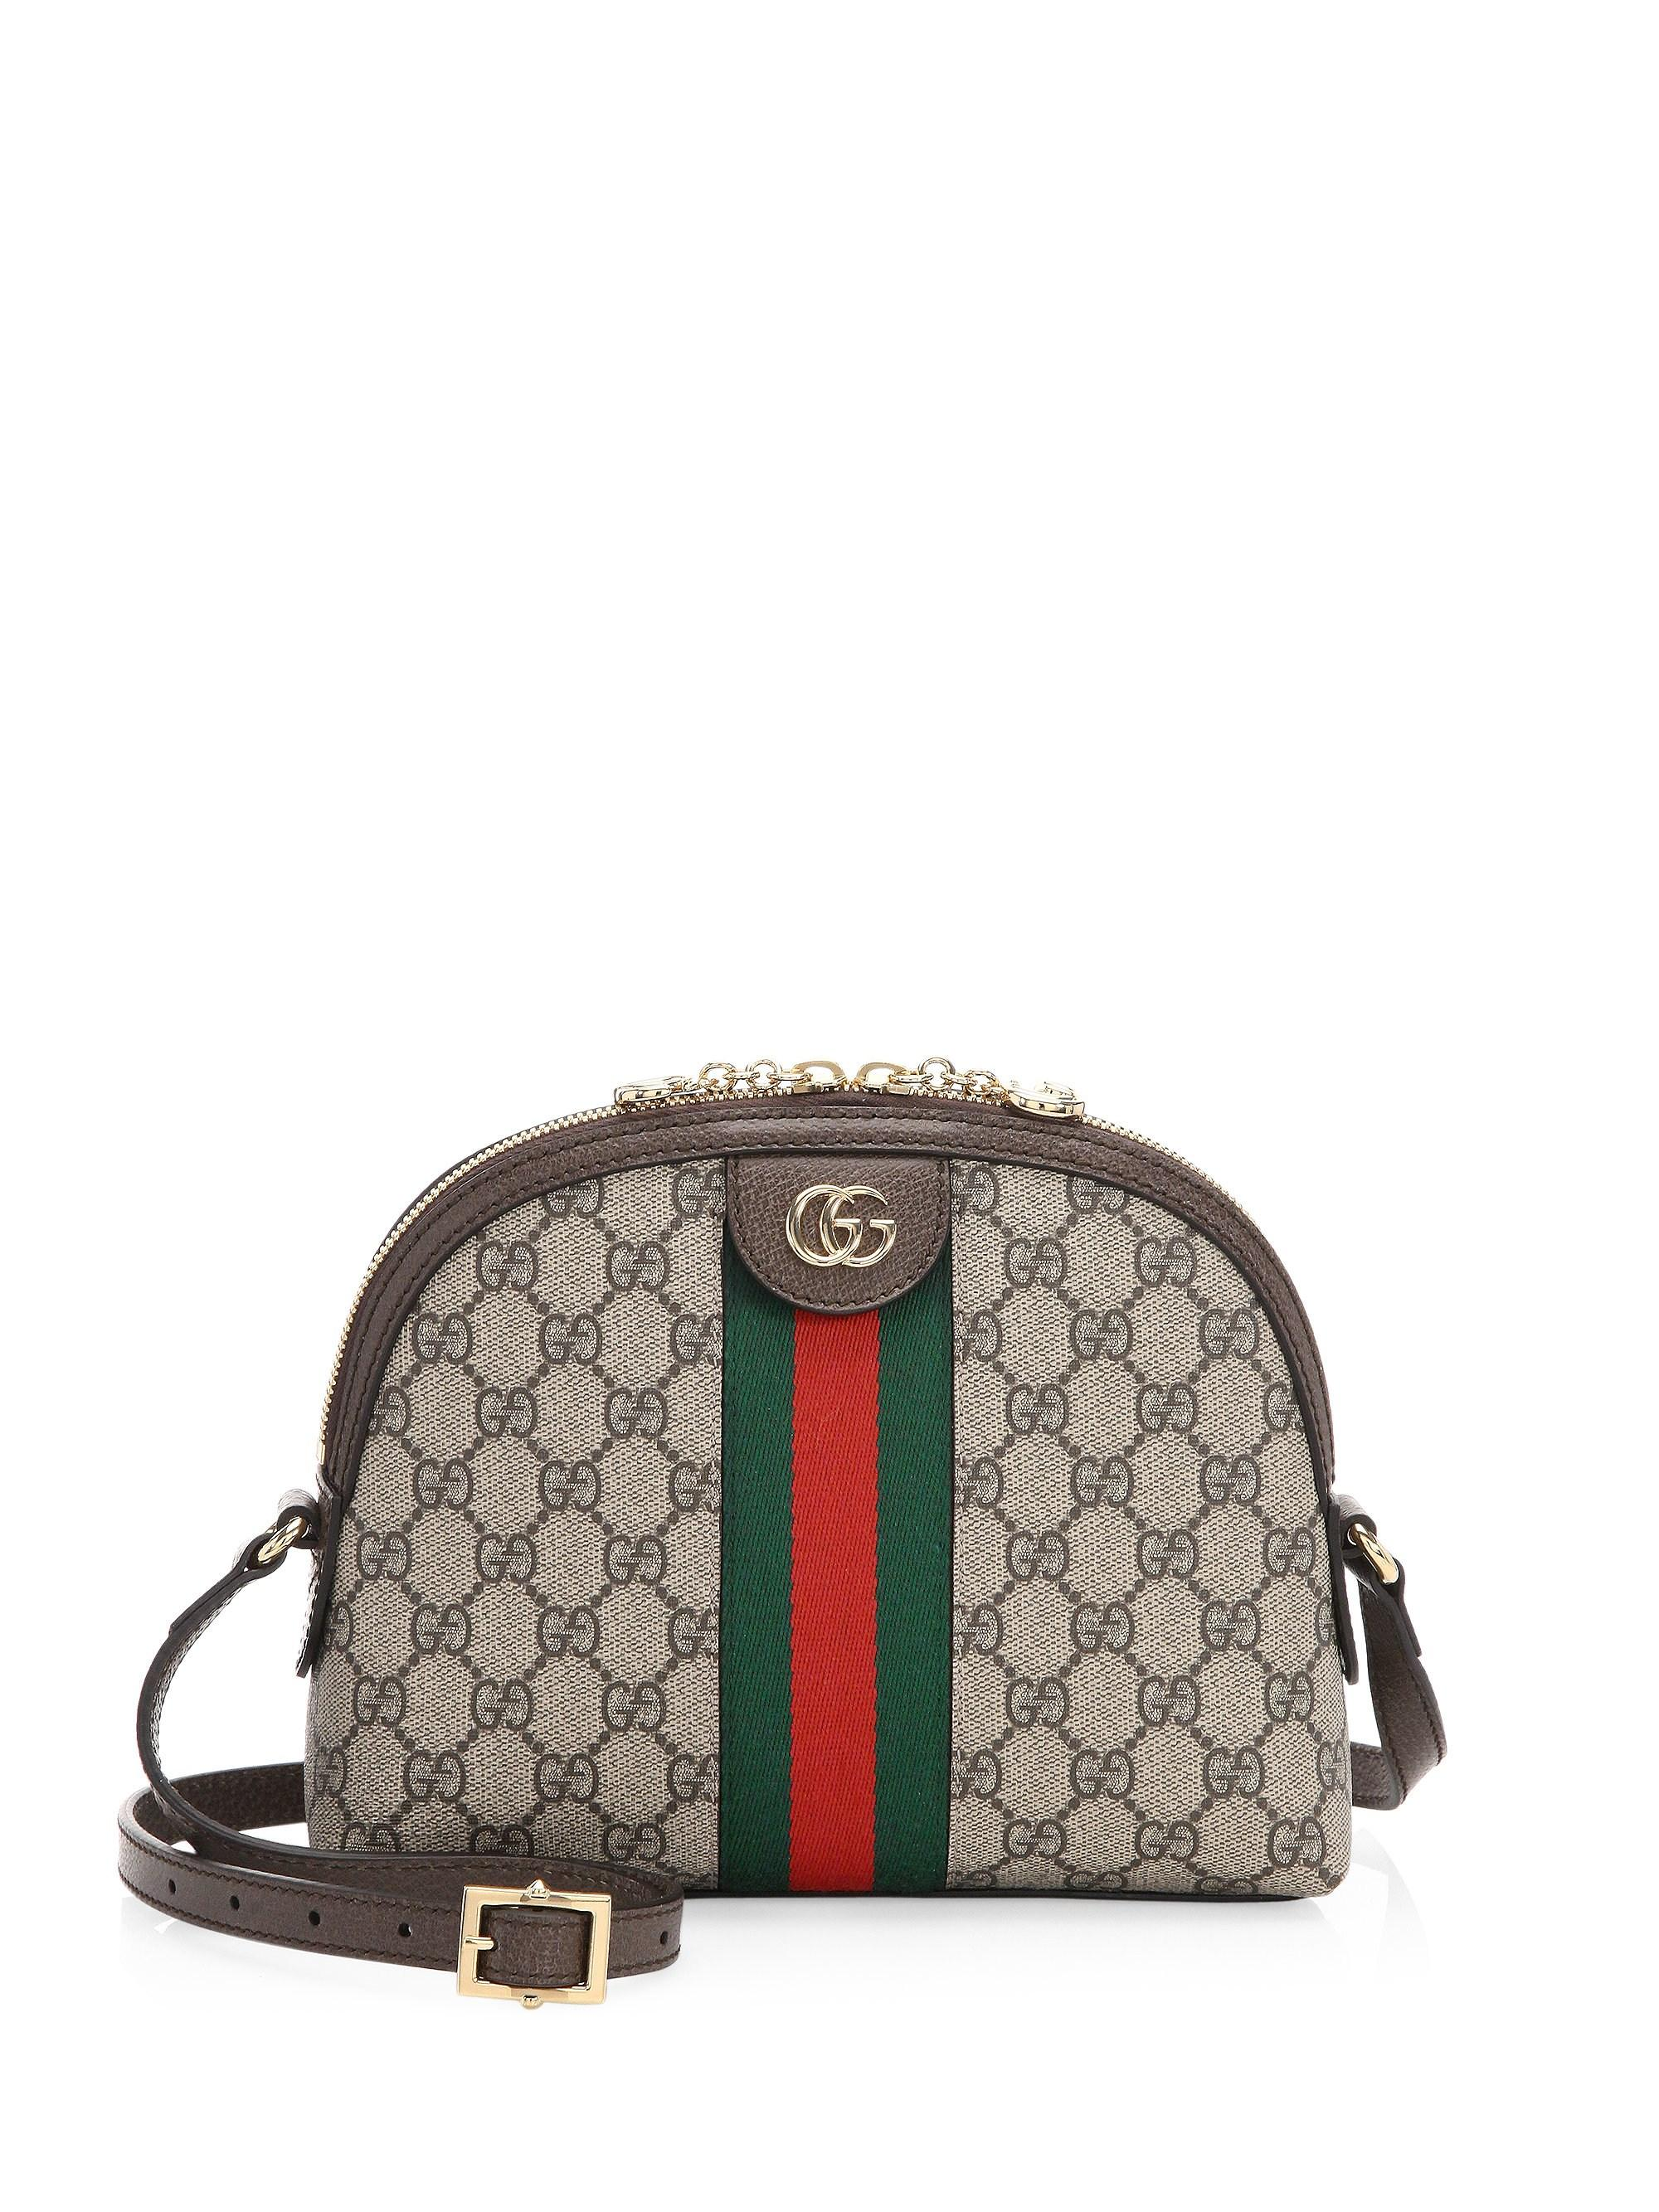 03f957e8e9de Gucci Linea Dragoni GG Supreme Canvas Small Shoulder Bag in Brown - Lyst